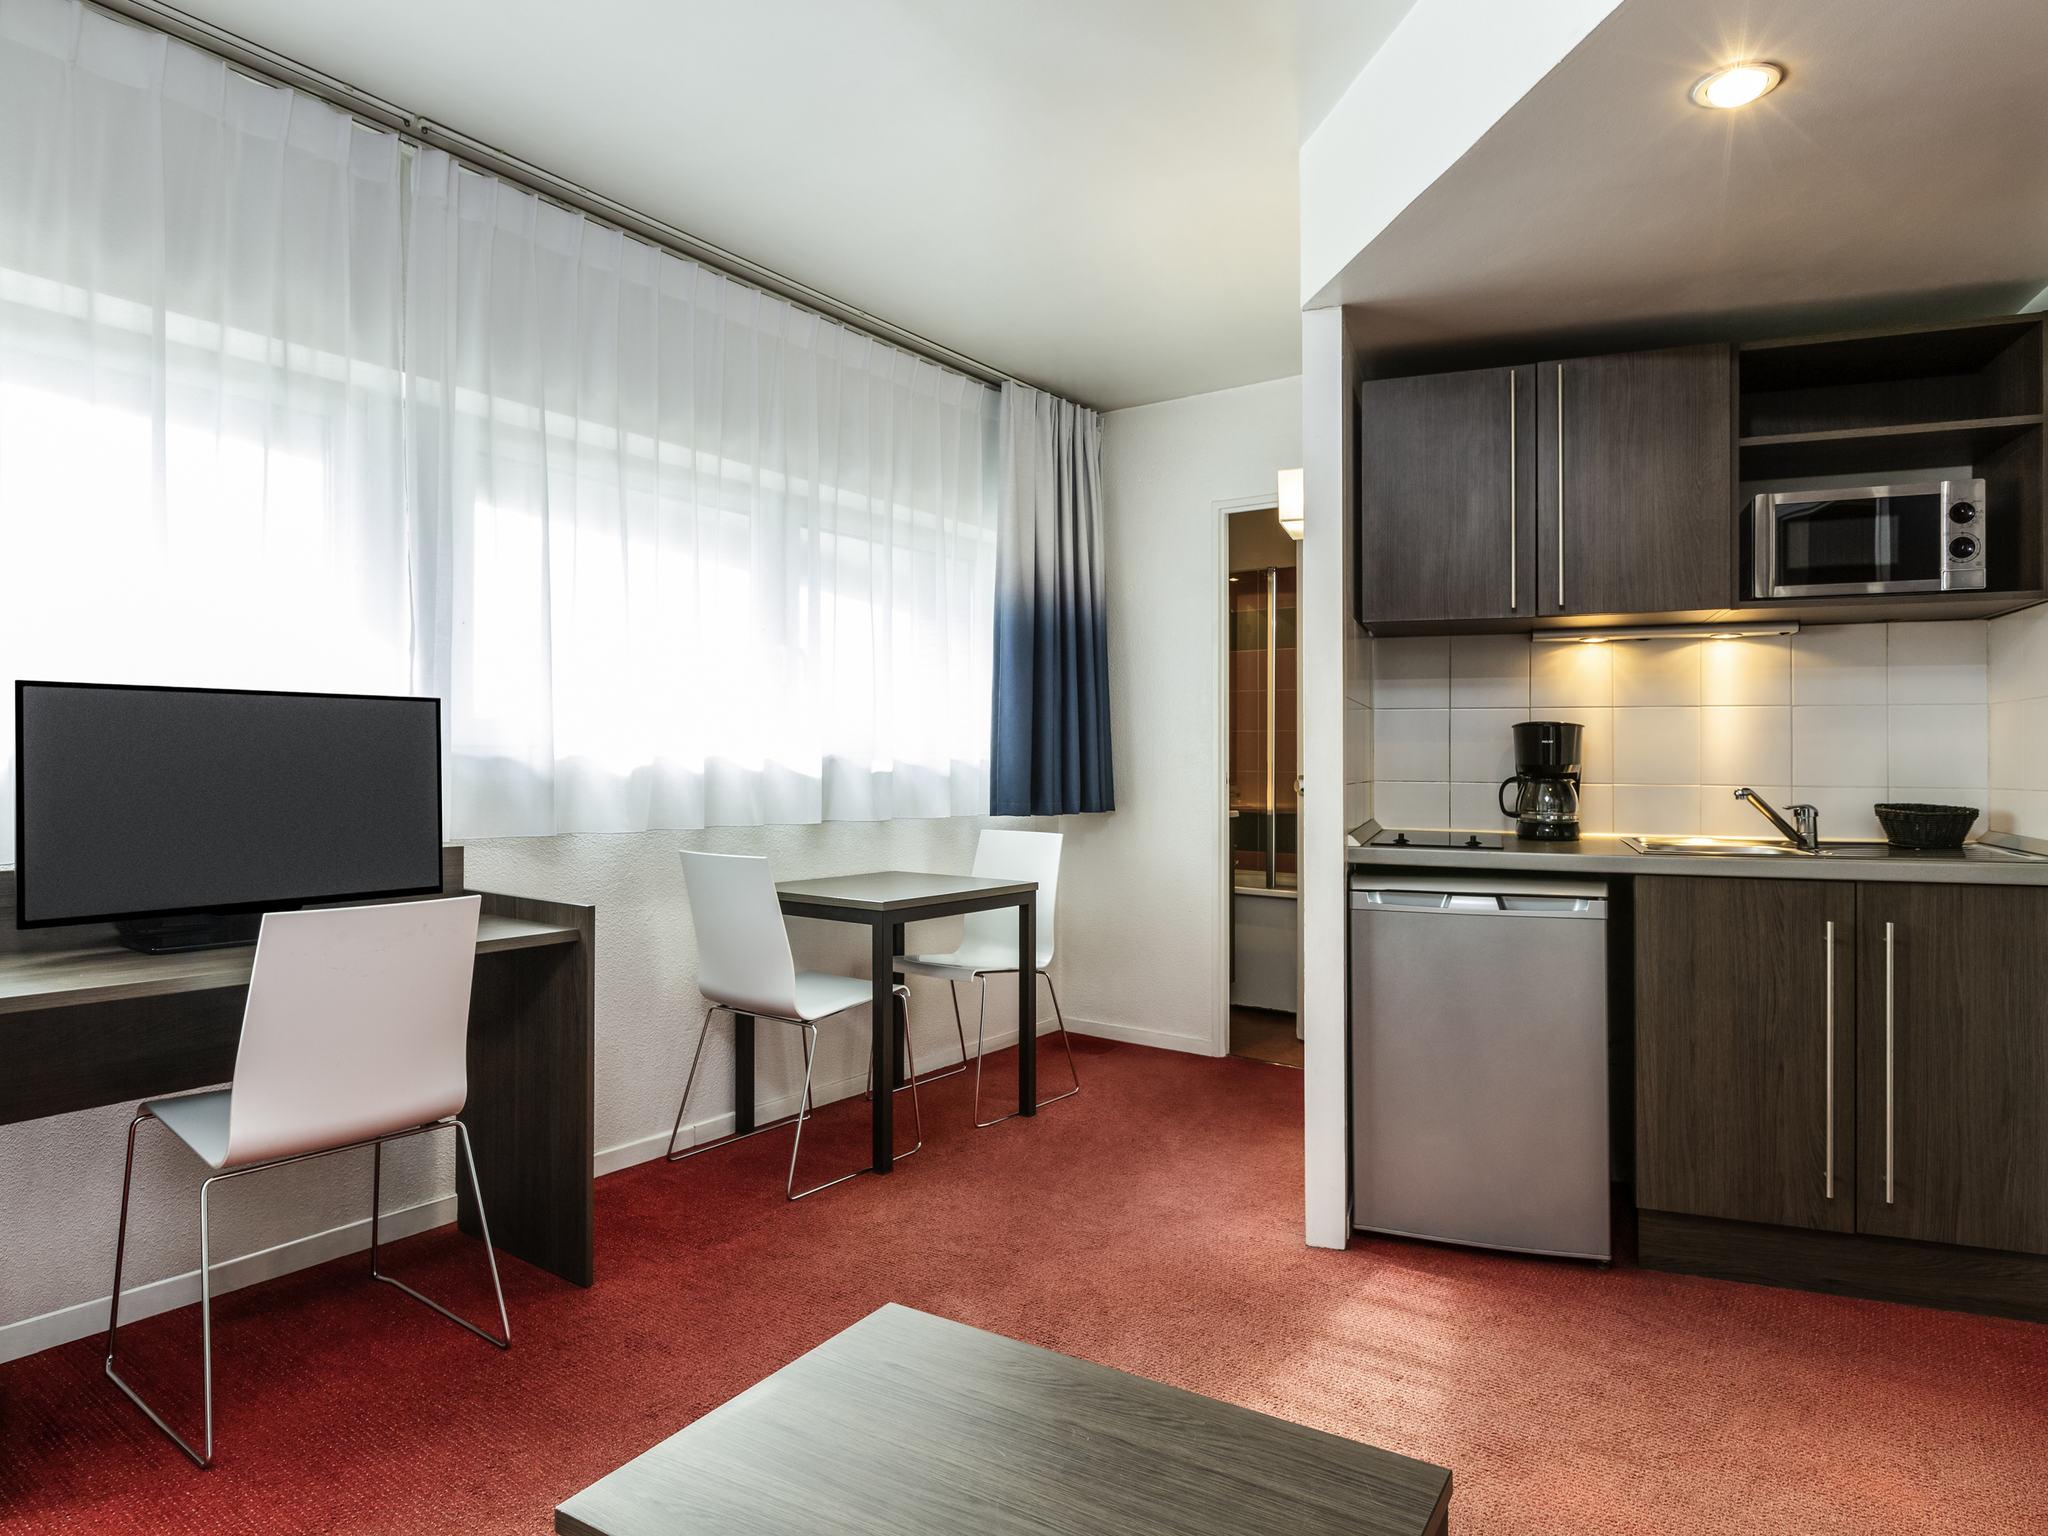 โรงแรม – อพาร์ทโฮเทล อดาจิโอ แอคเซส ปารีส ลา วิลแล็ต